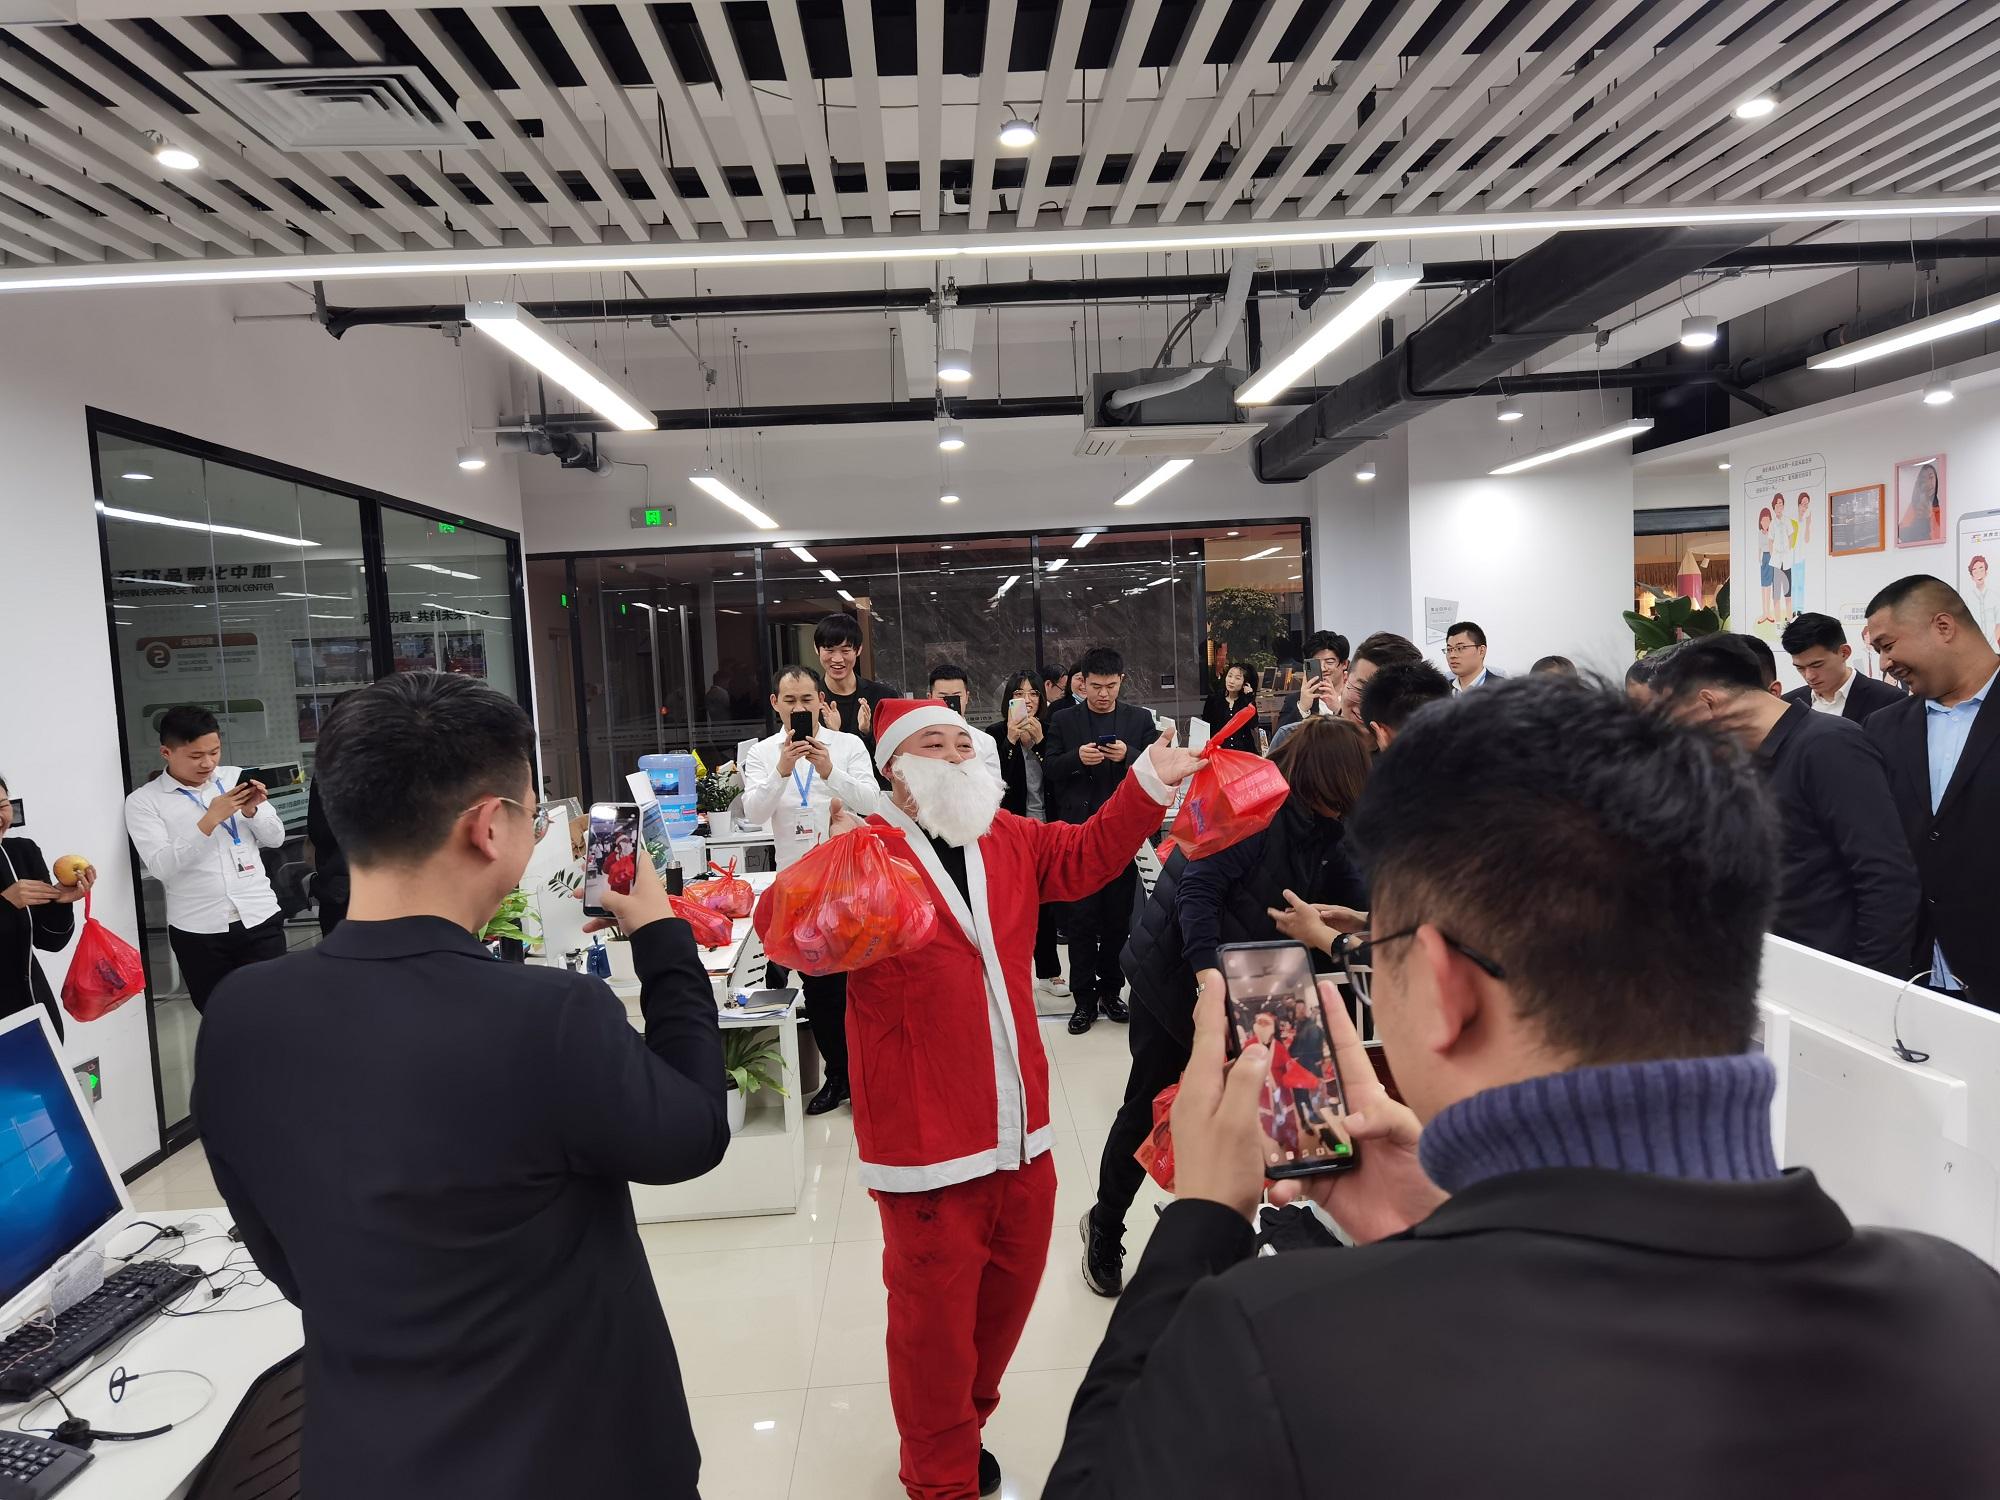 圣诞老人降临雷竞技官网集团为员工送福利!